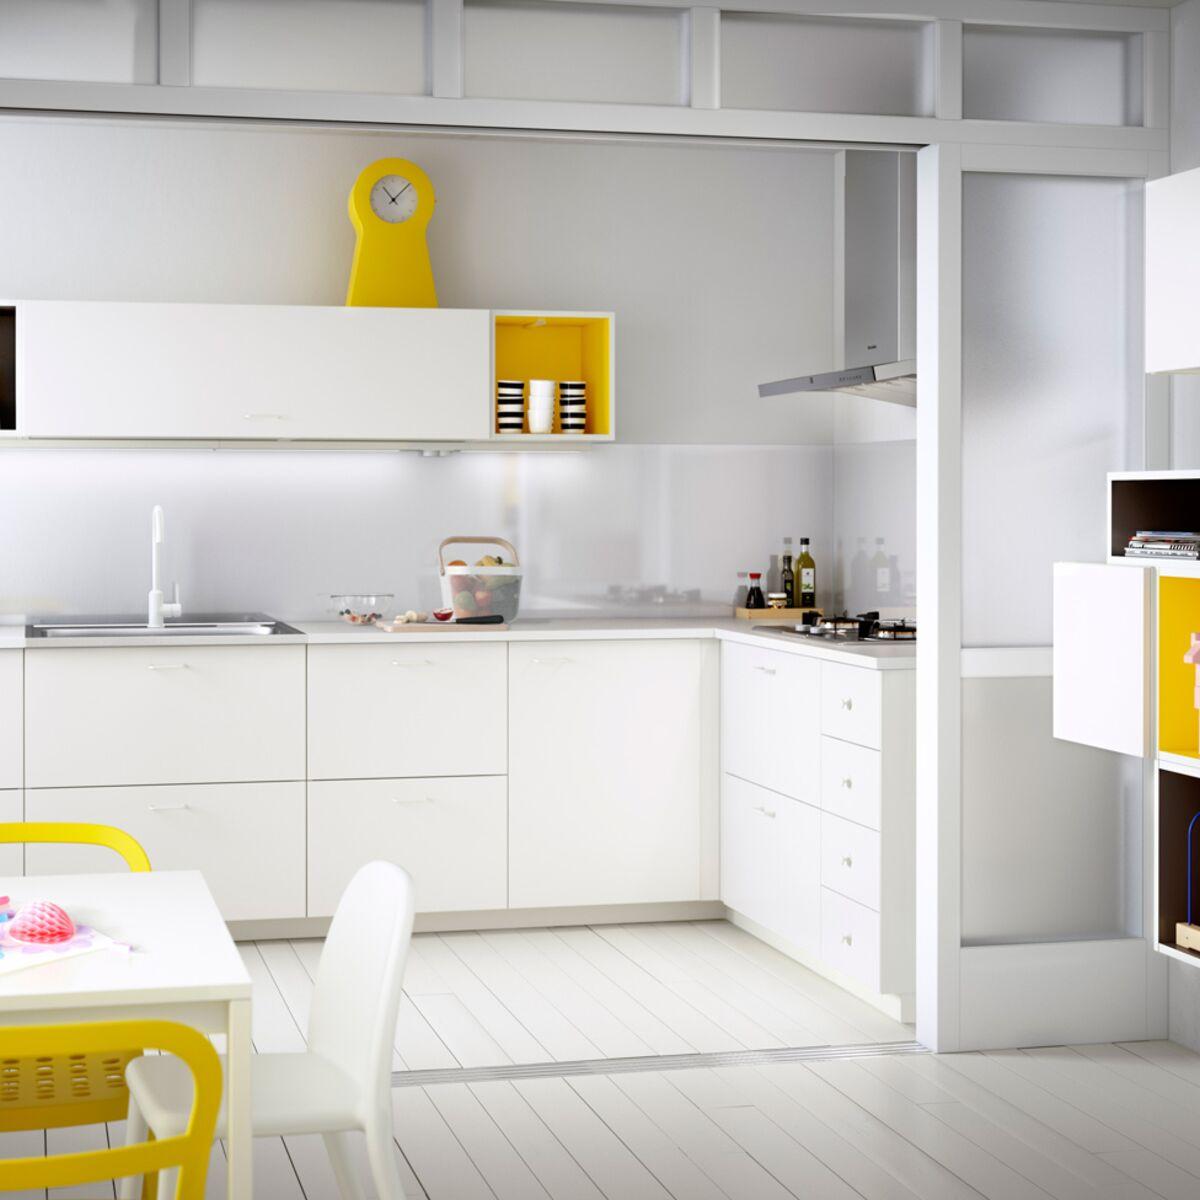 Prix Cuisine Aménagée Ikea astuces pour une cuisine aménagée à petit prix : femme